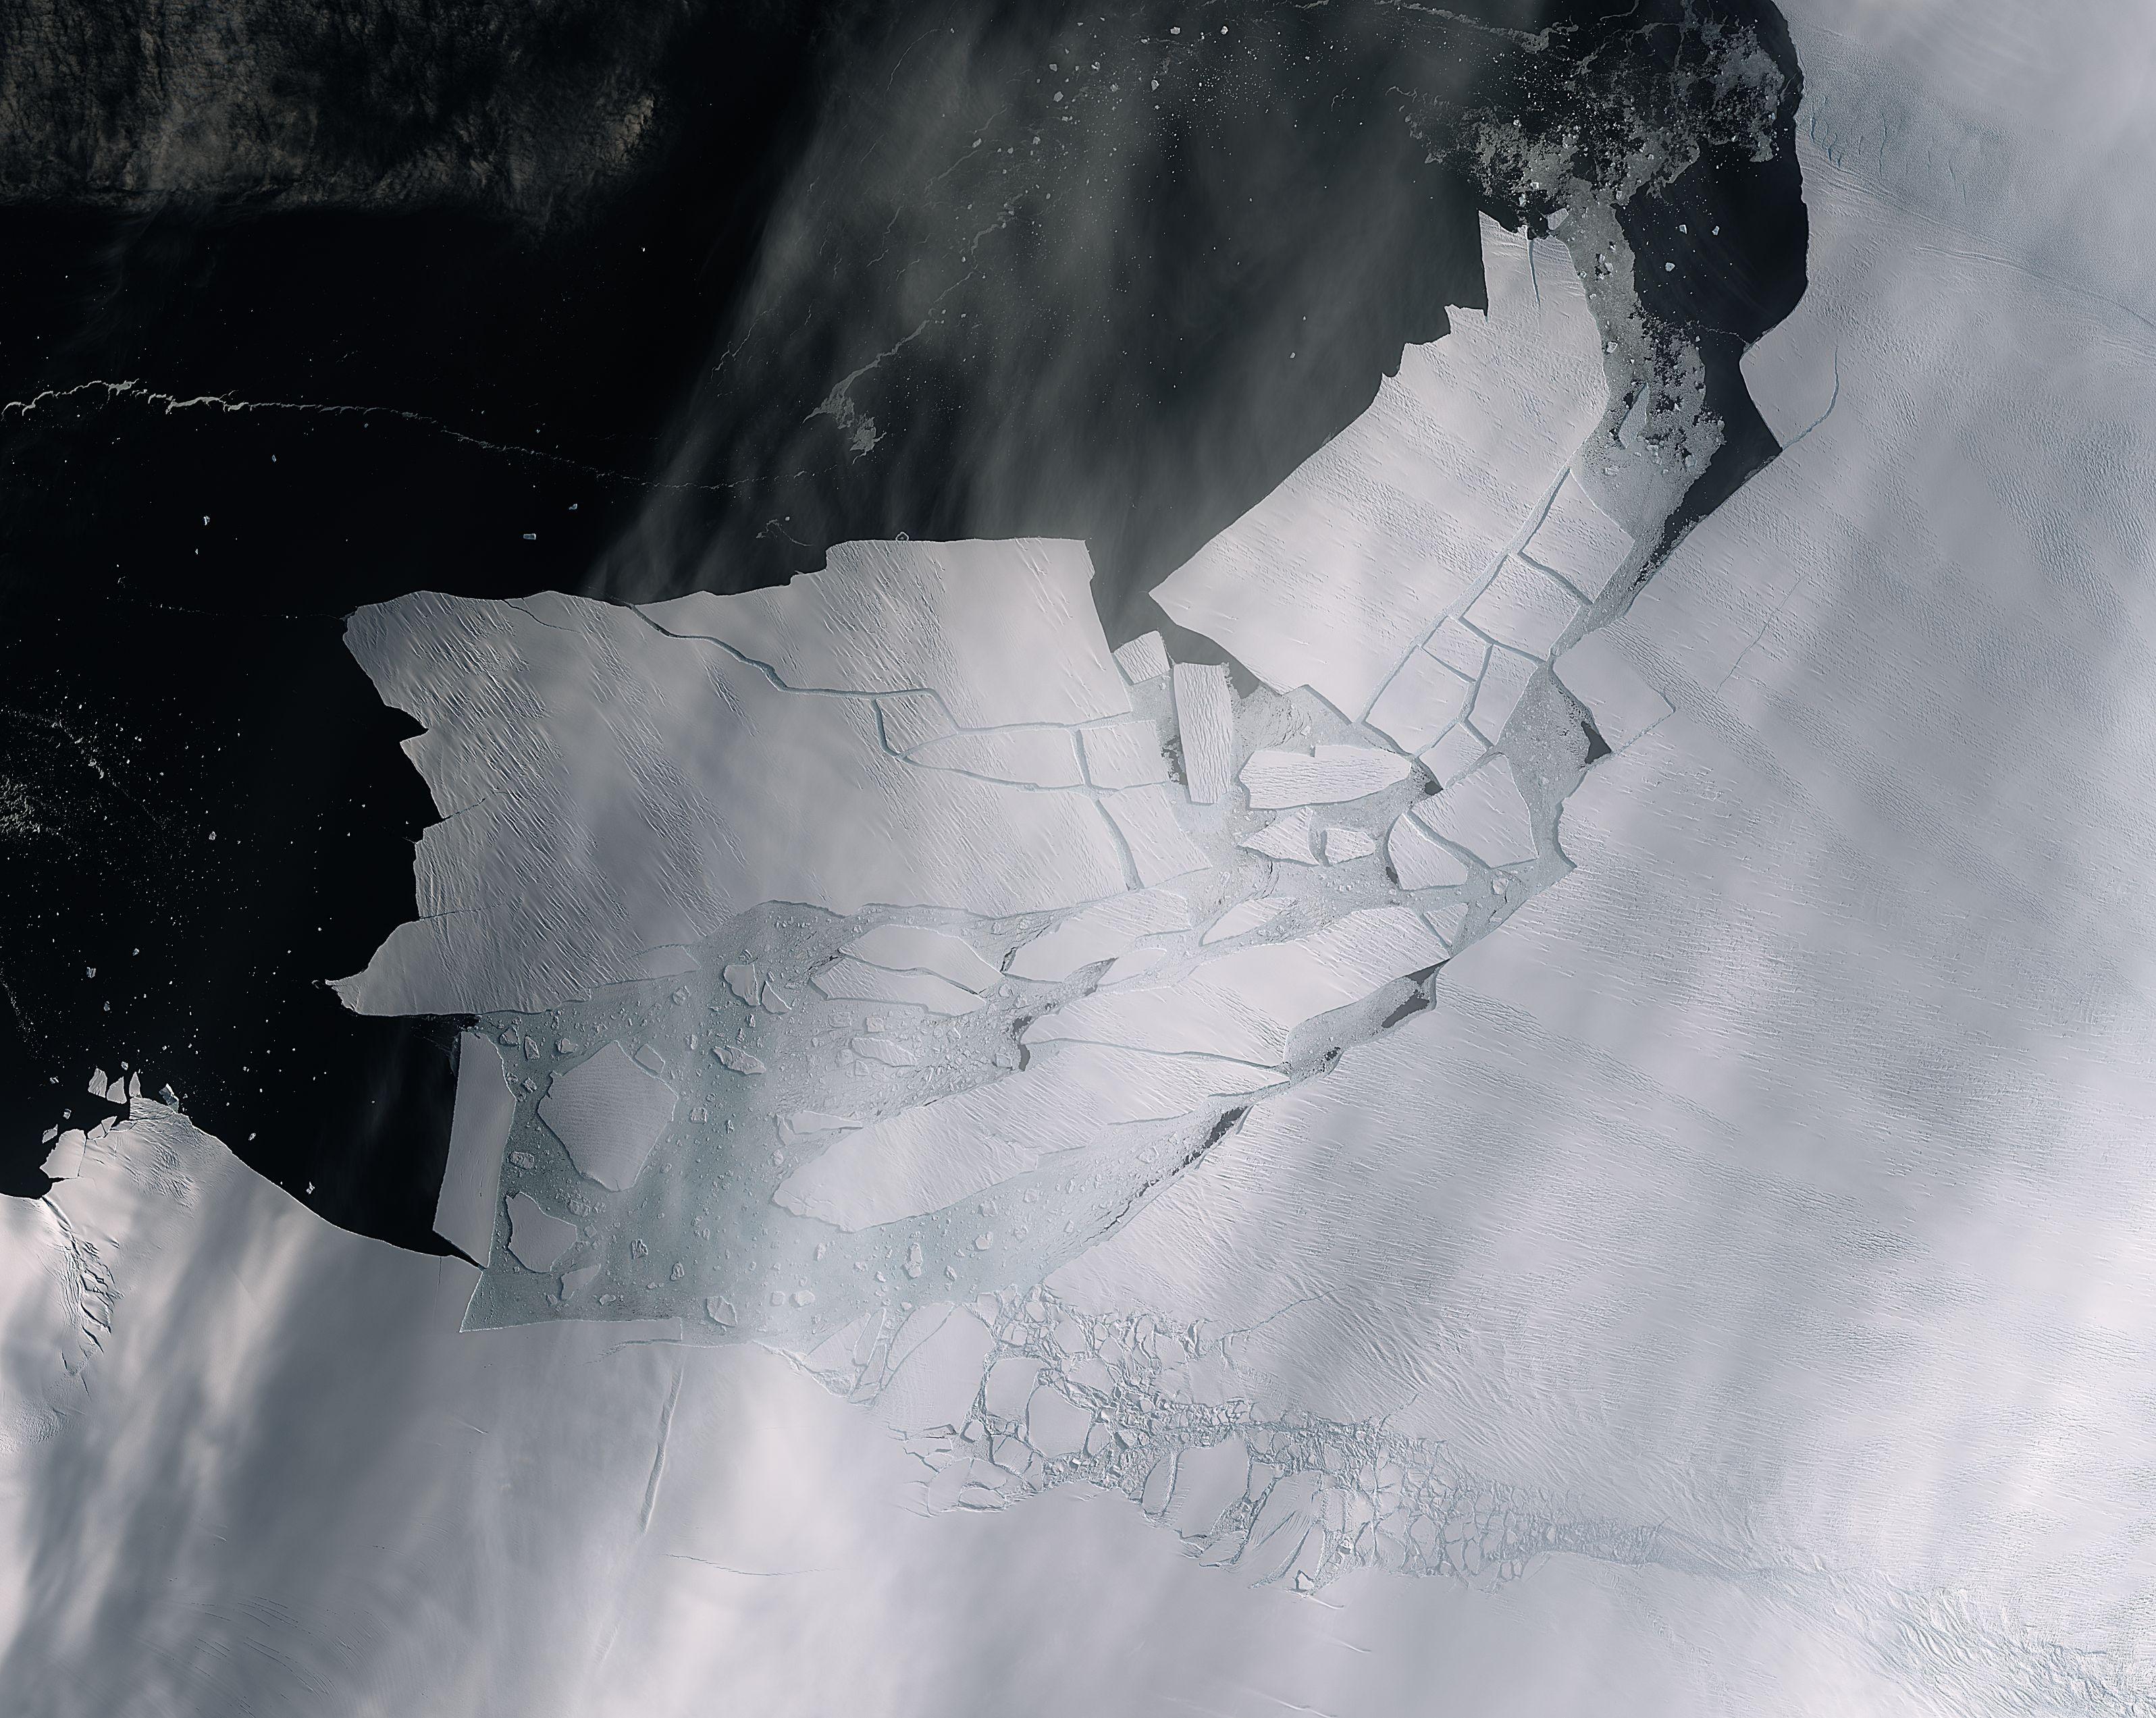 Gigantiskt isblock lossnade - fångat på bild från rymden